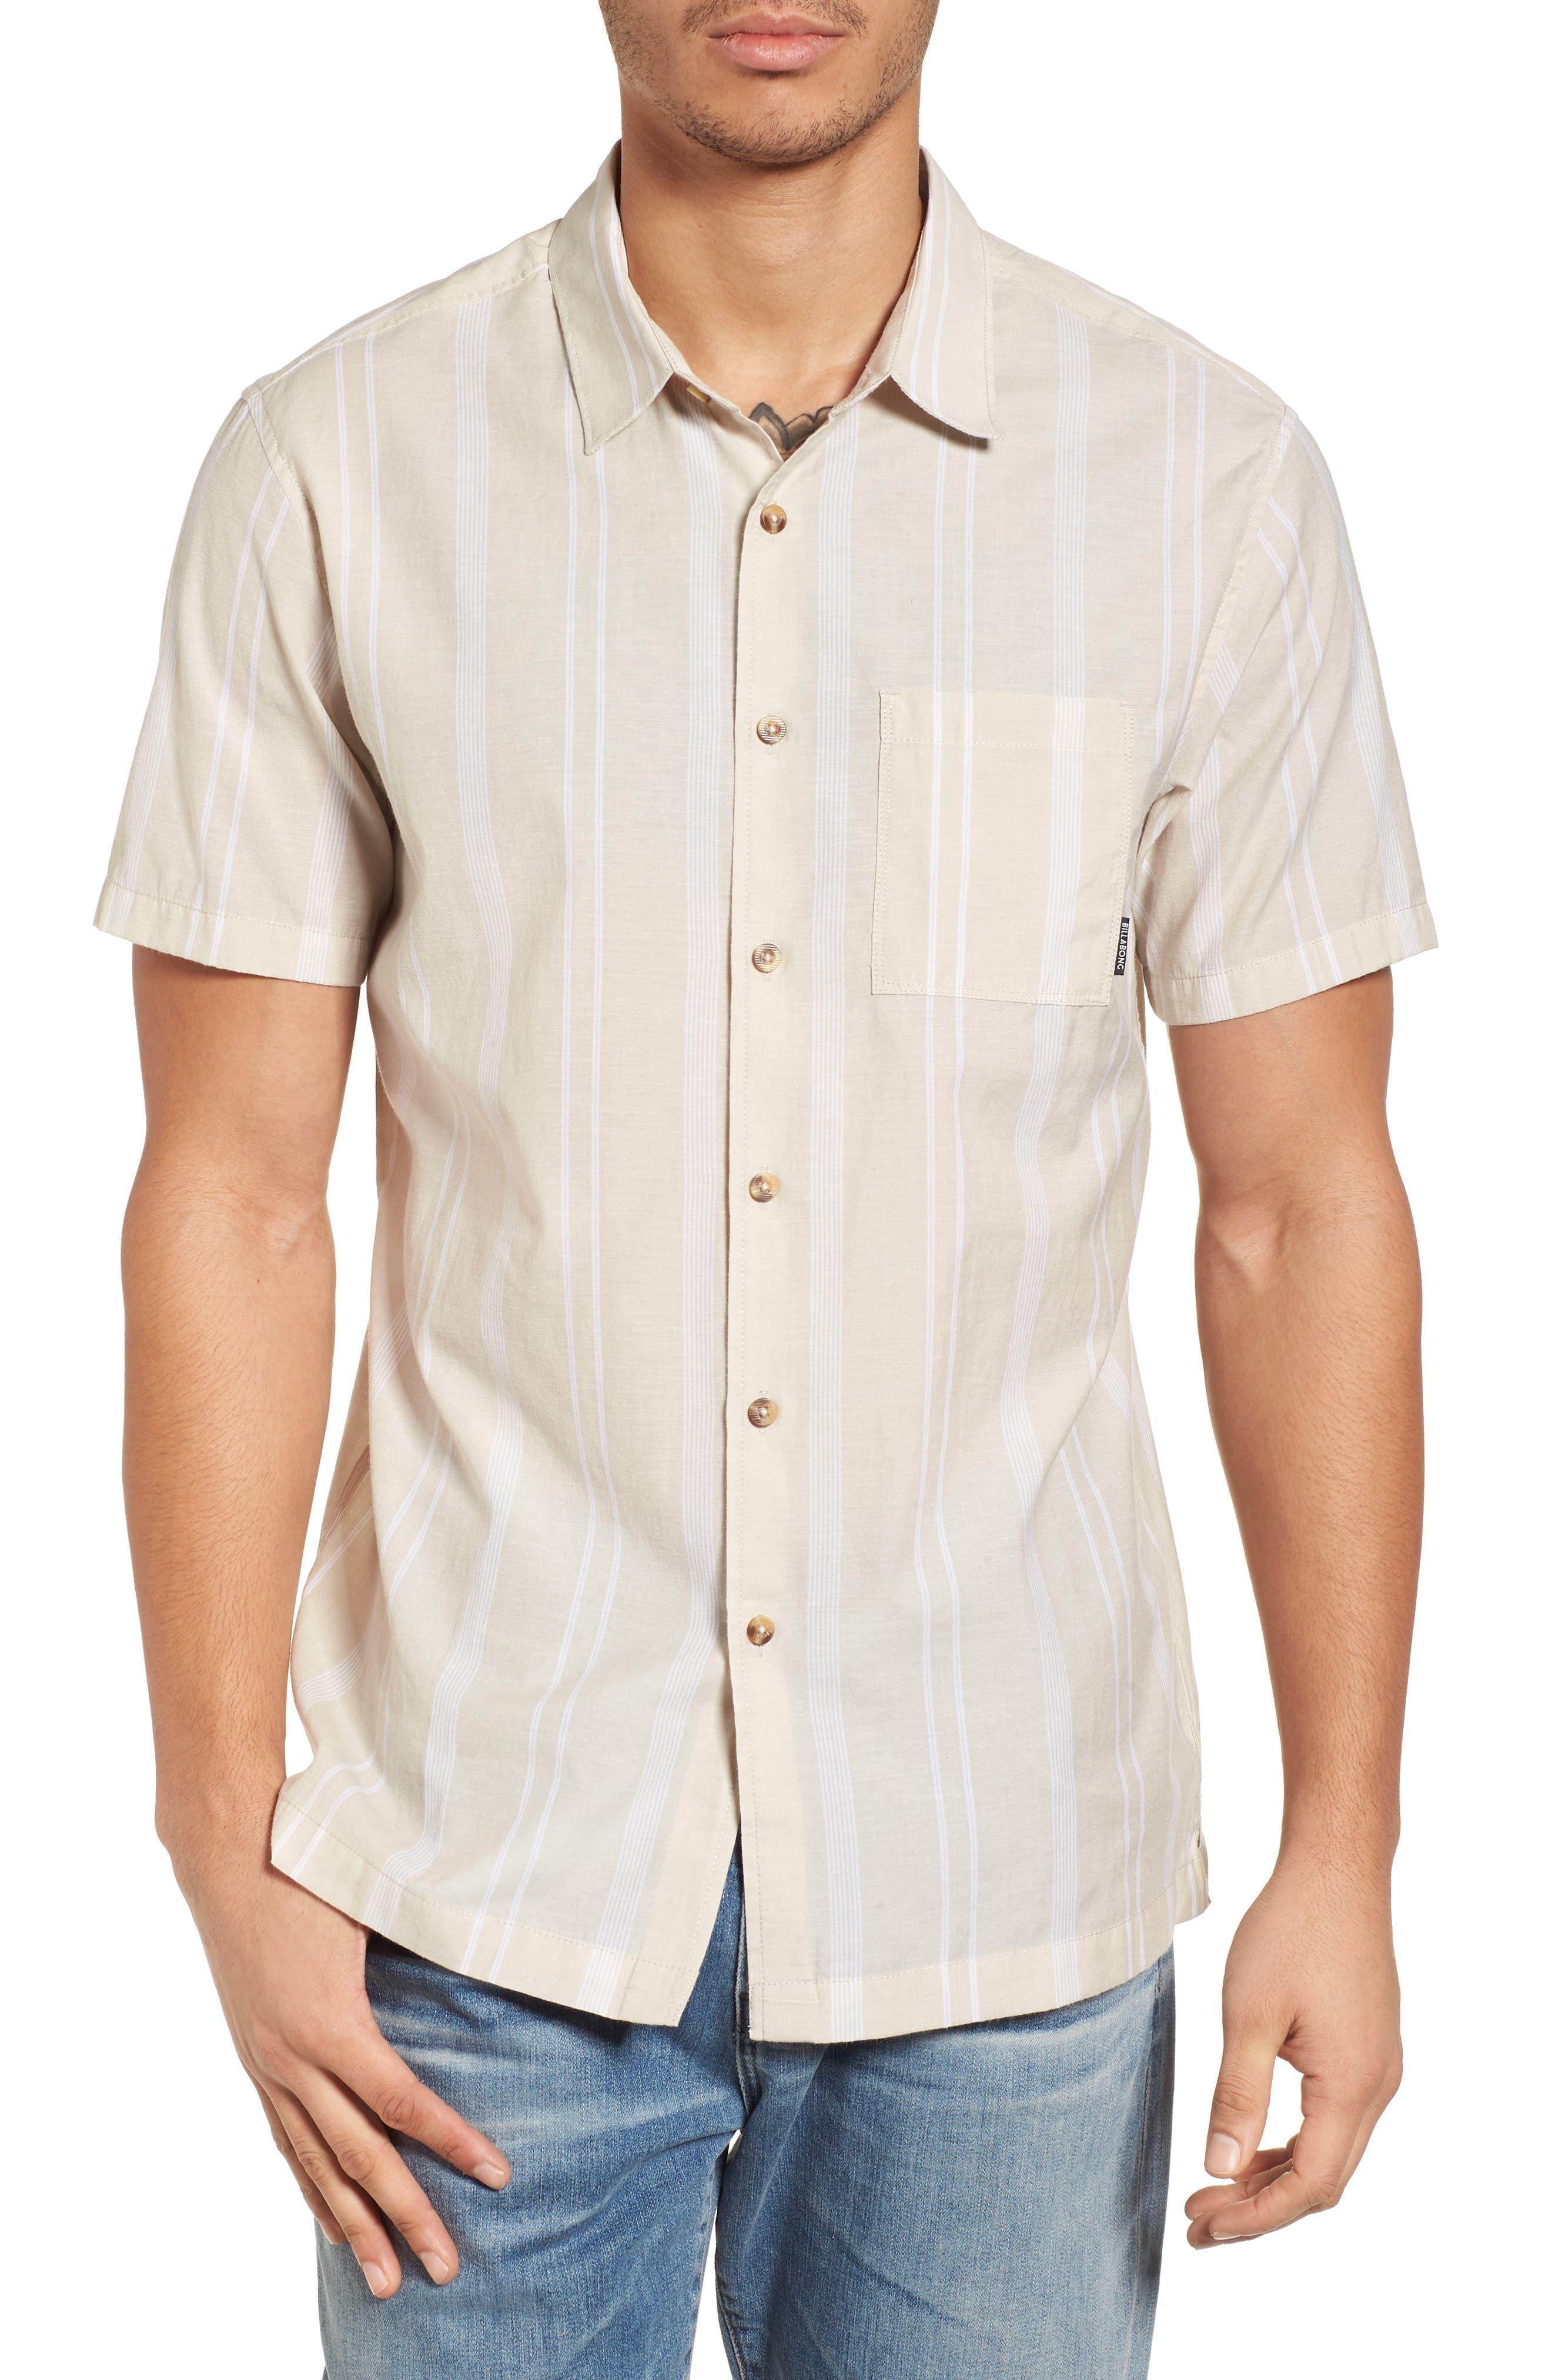 Billabong Donny Short Sleeve Shirt